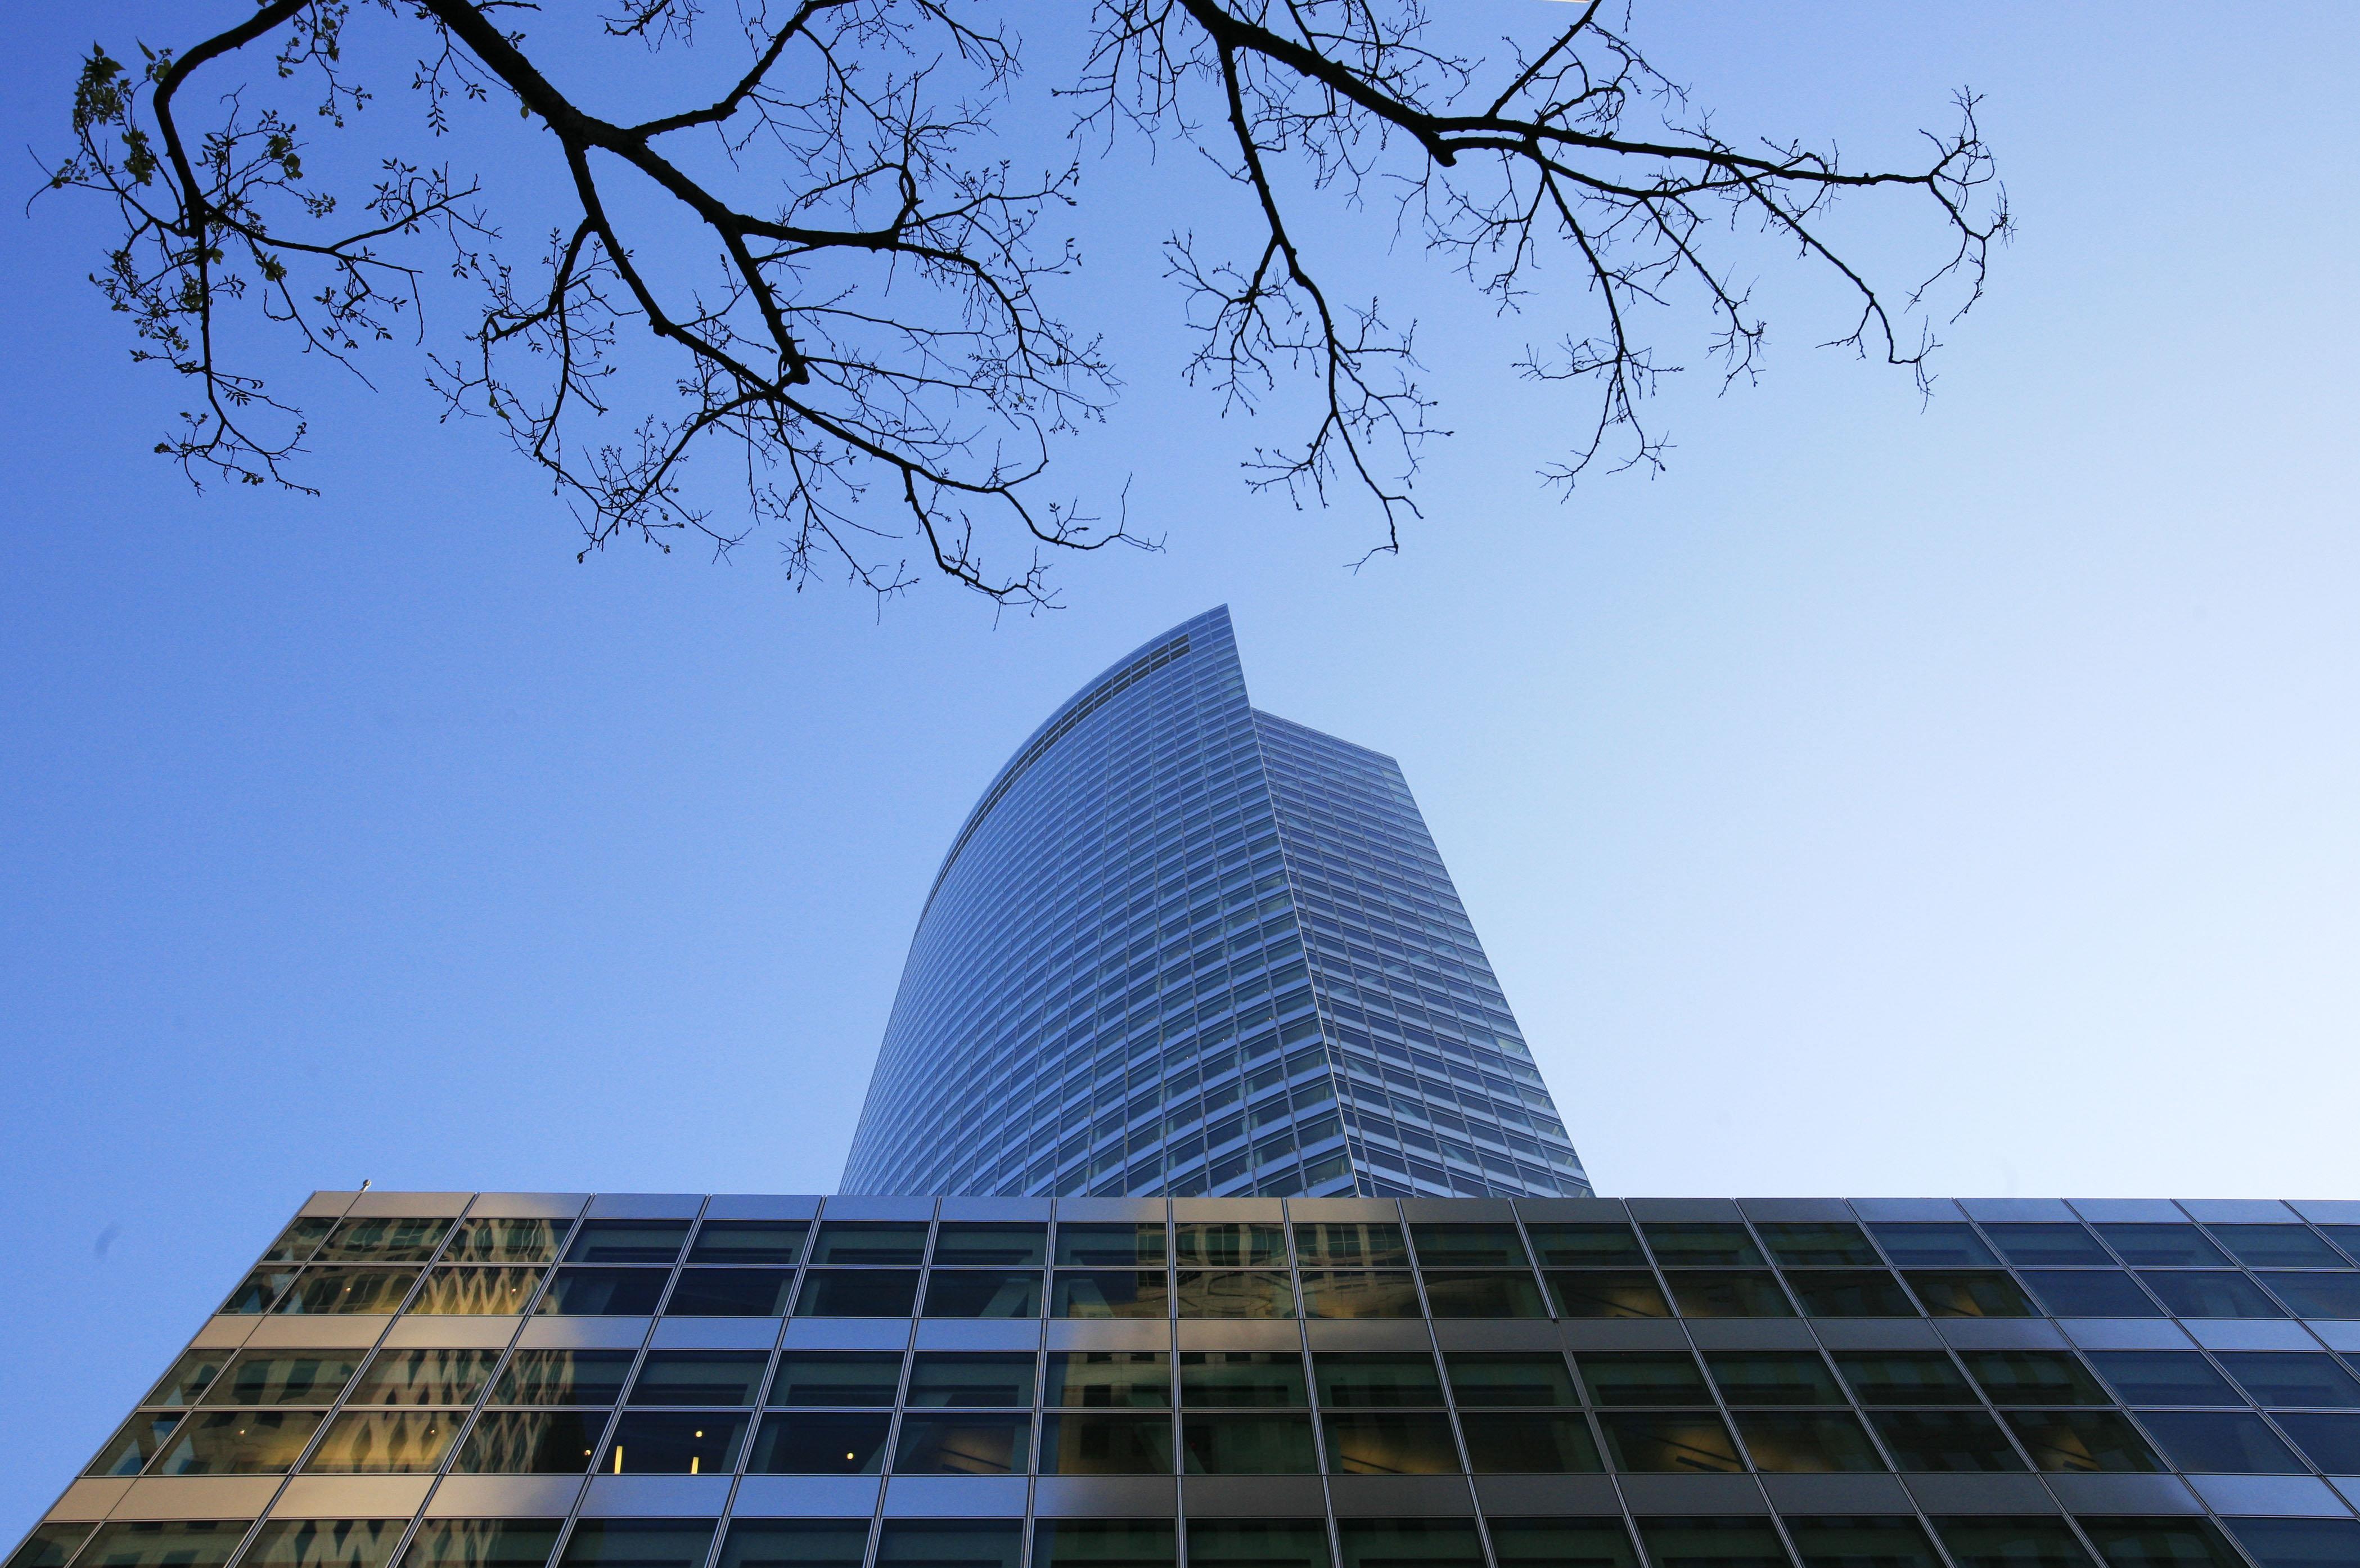 A sede do Goldman Sachs em Nova Iorque (EUA) custou 1.781 milhões de euros. / Gtres